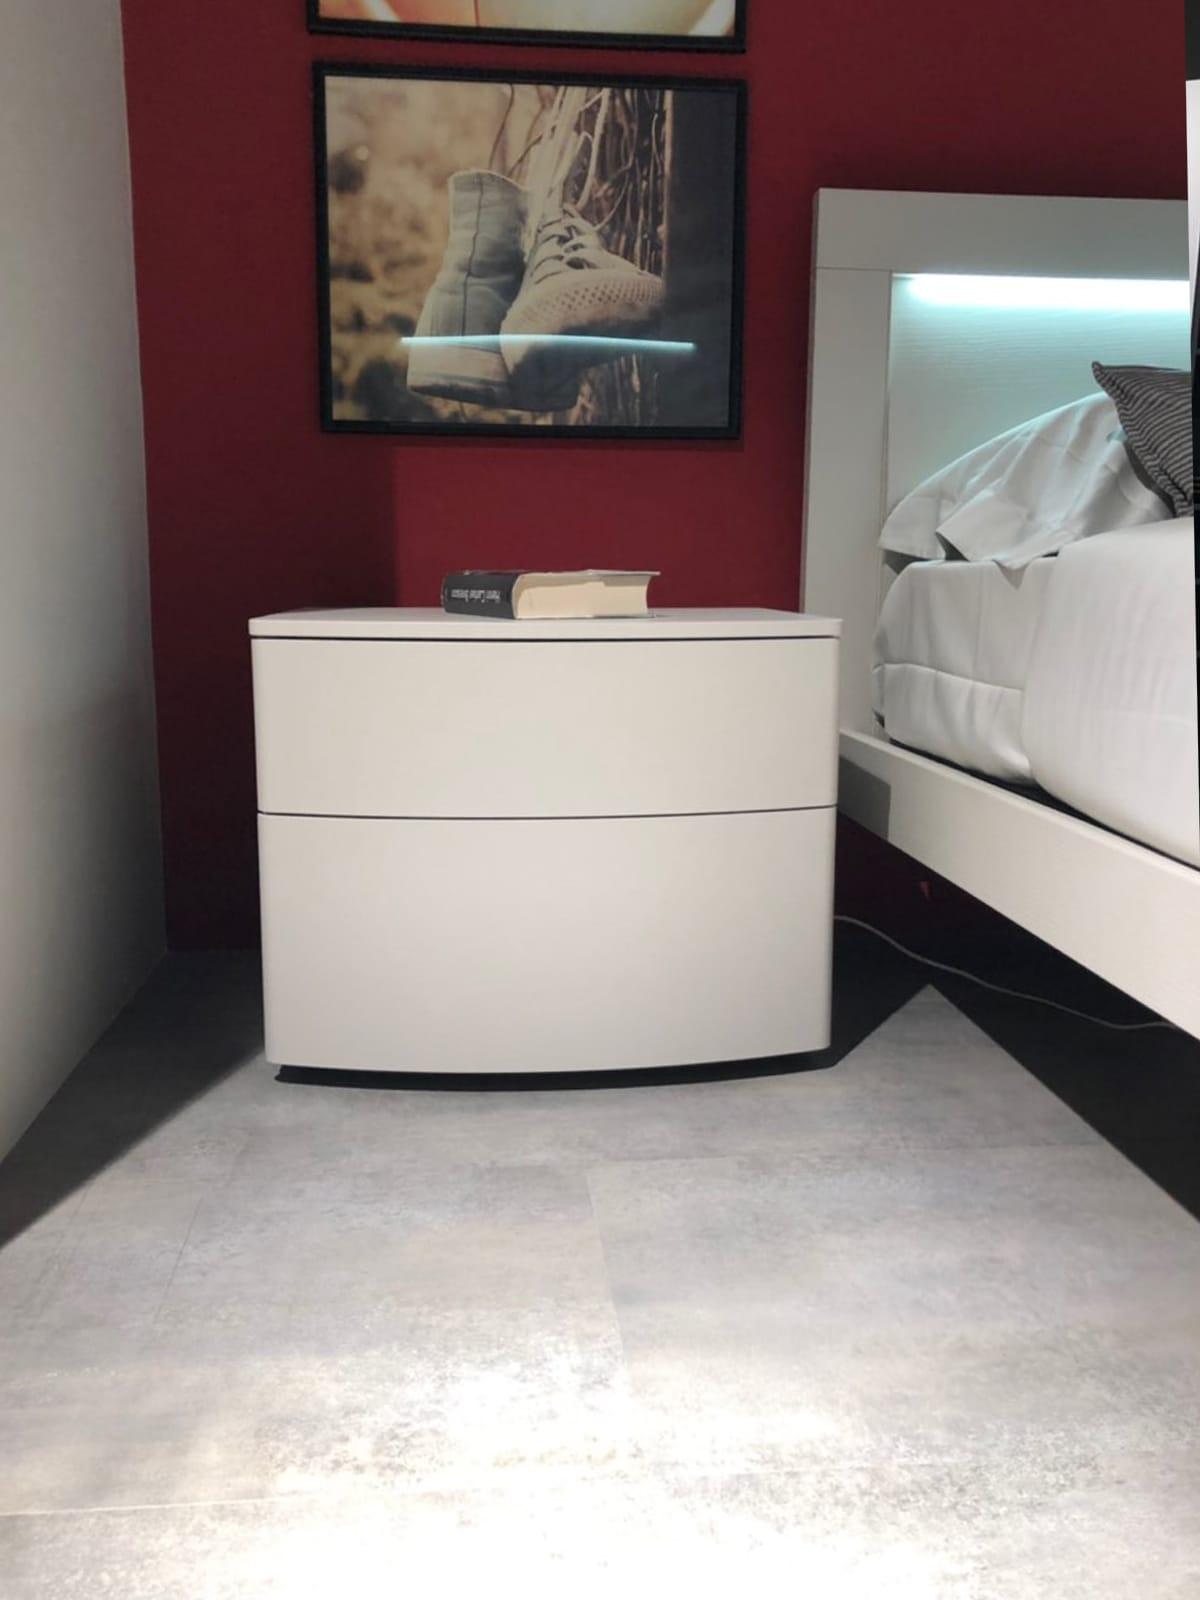 Camera da letto kryzia sconto 50 arredamento in offerta salerno - Acquisto camera da letto ...